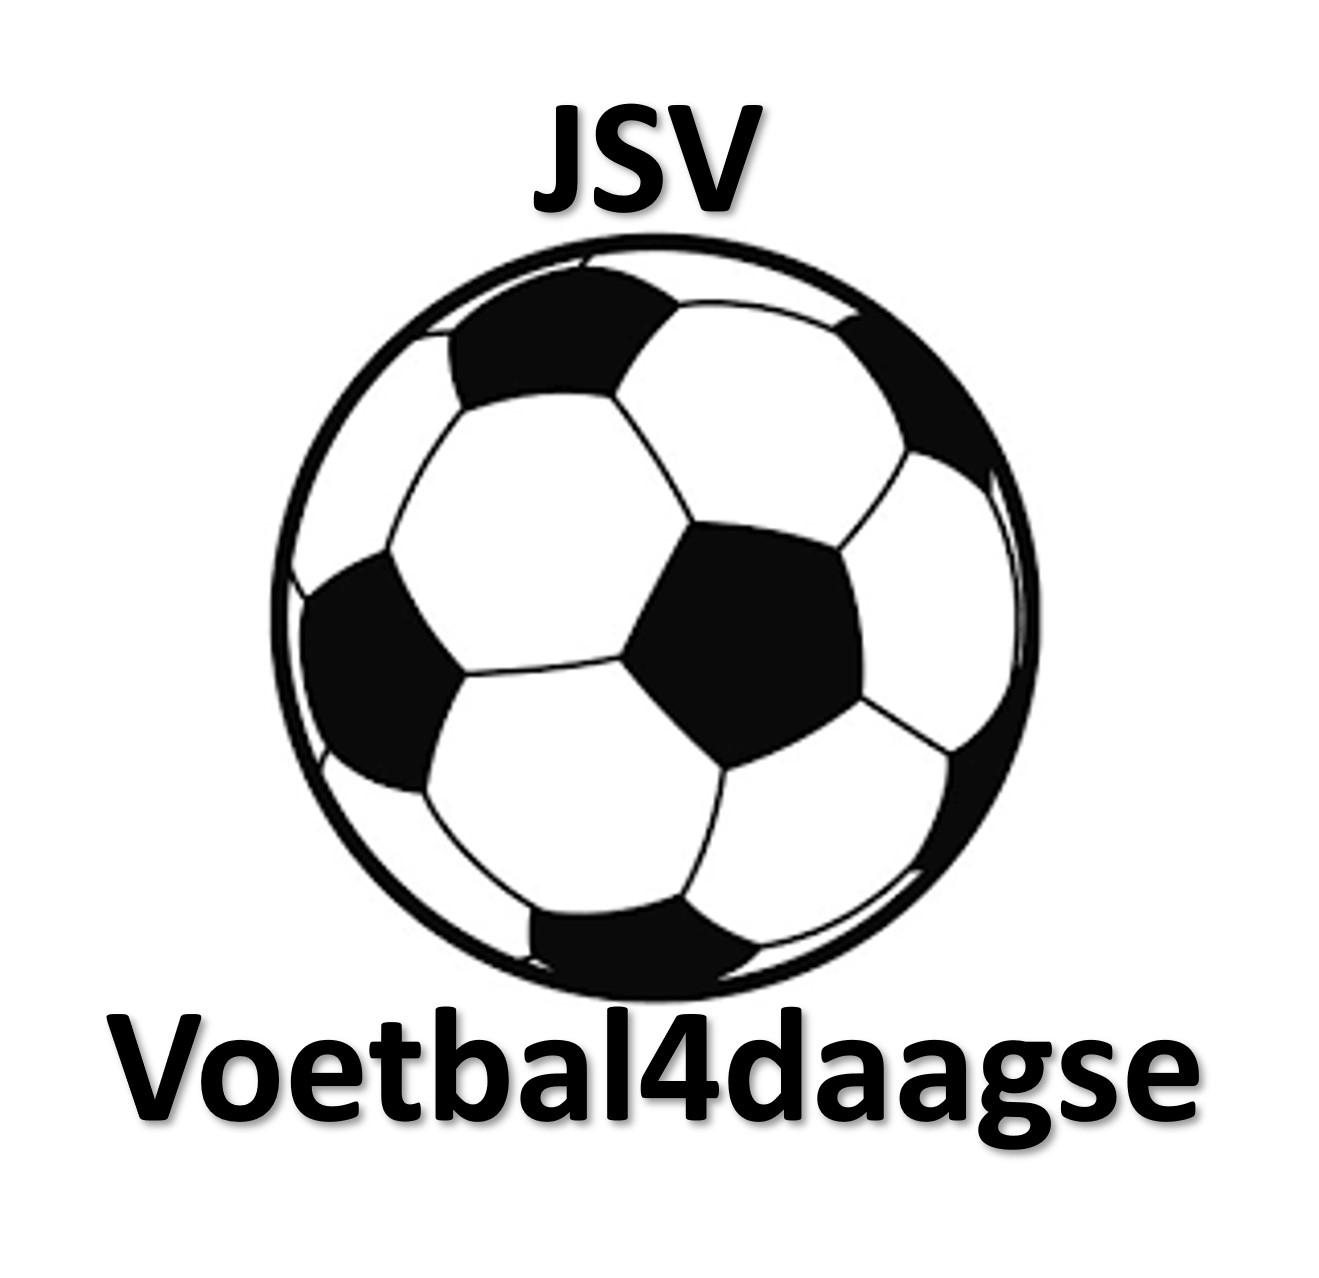 Help jij mee met de voetbal4daagse?